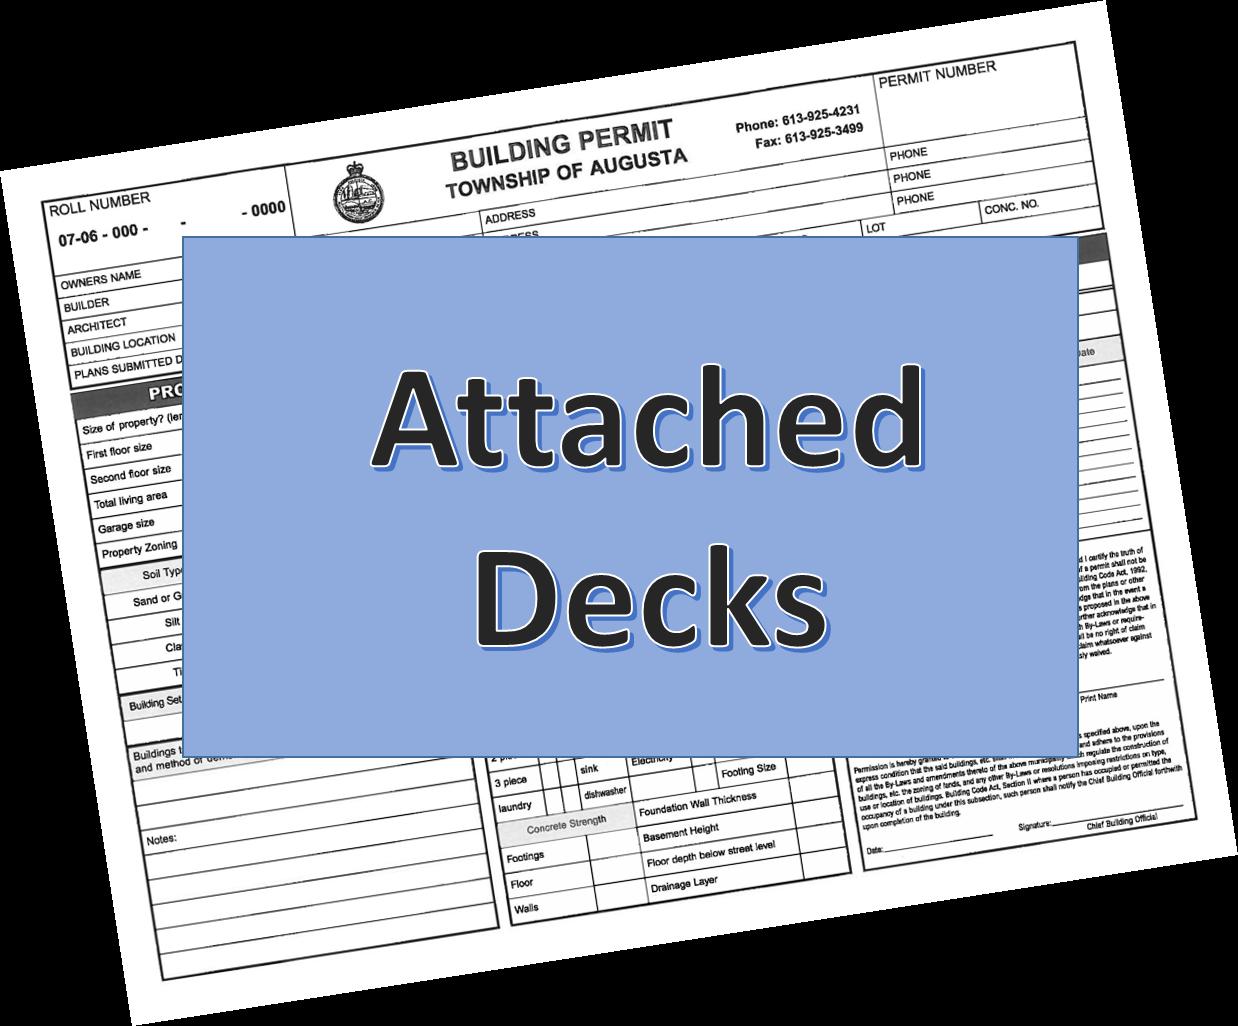 attached decks